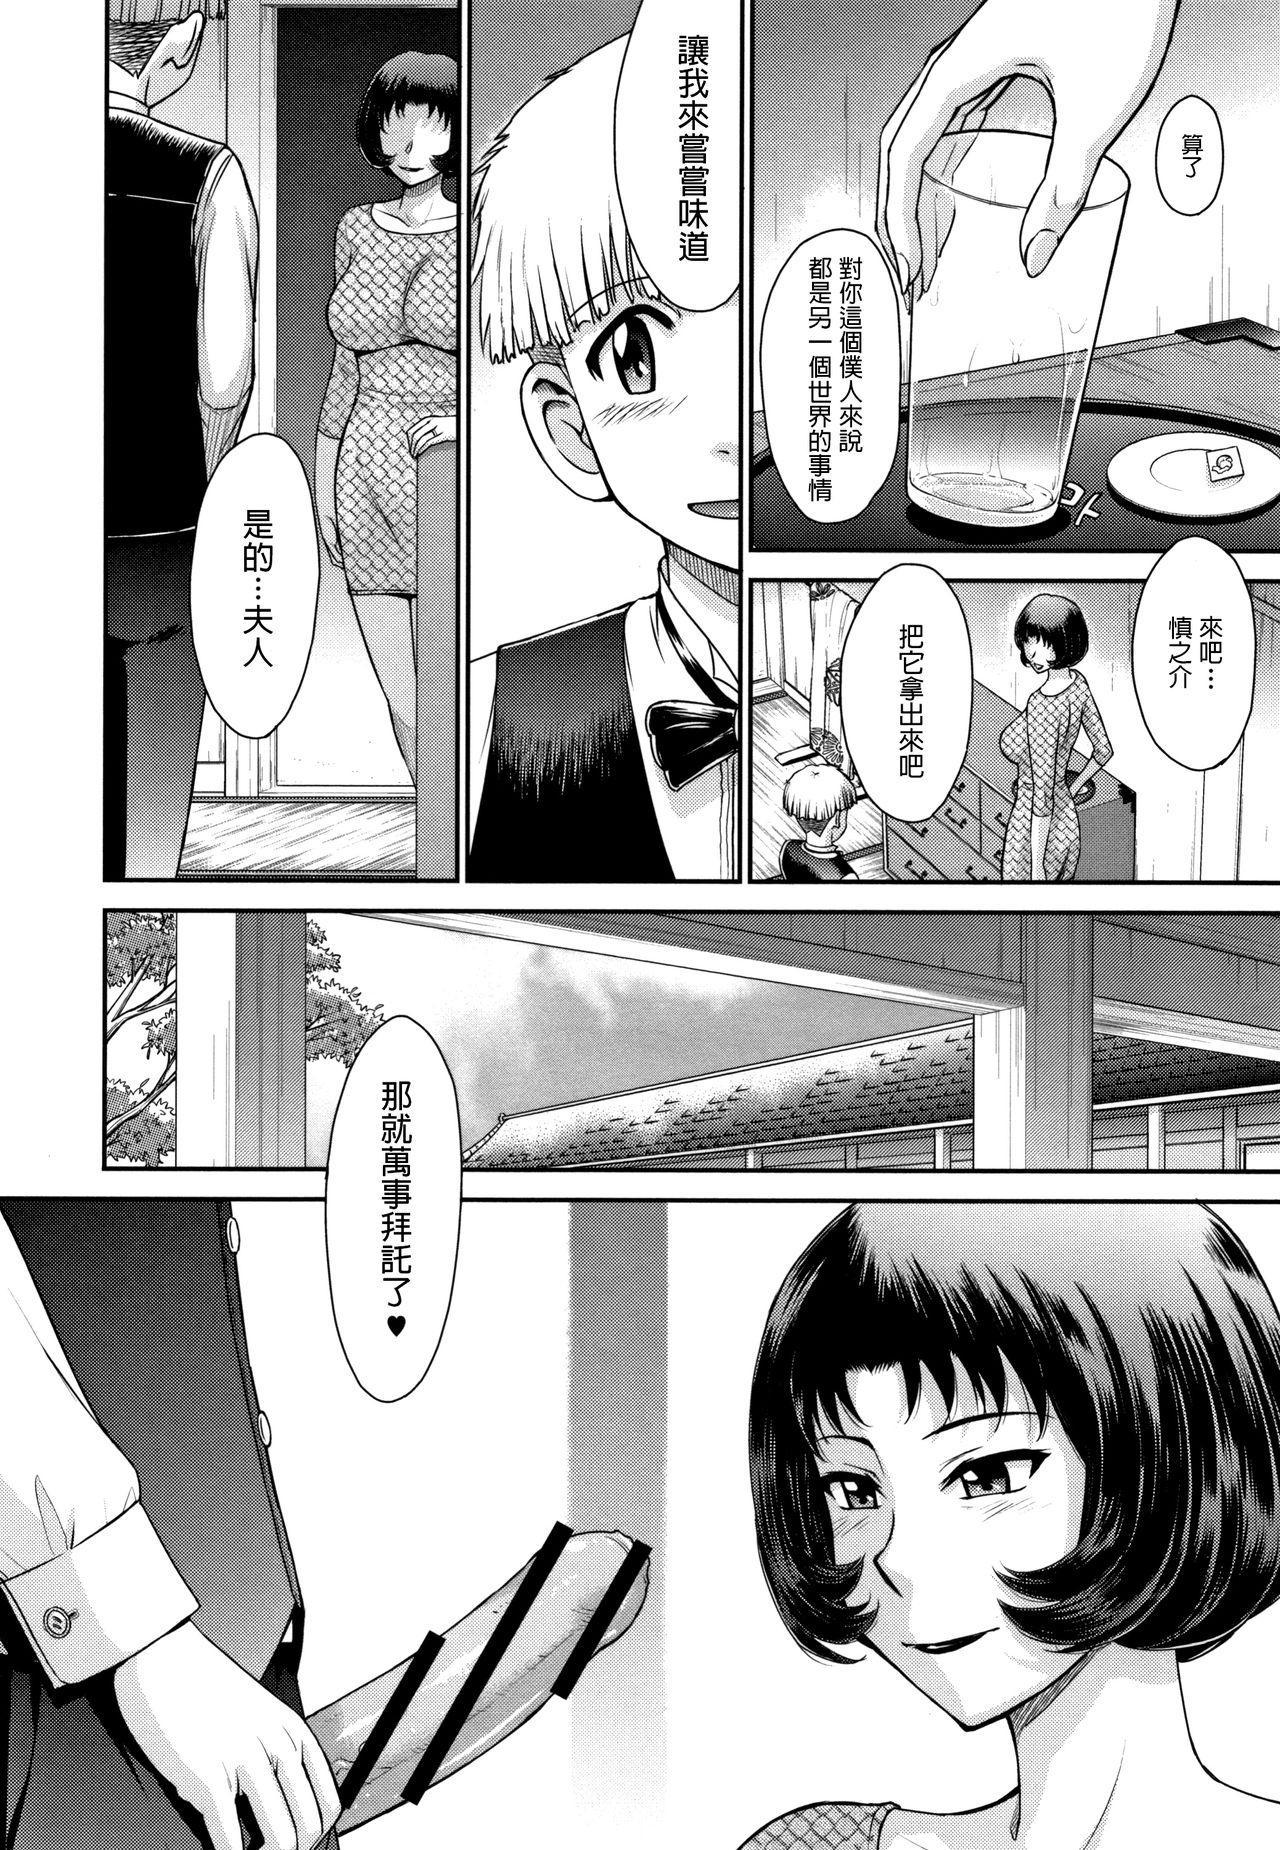 Subete Oku-sama no Oose no Mama ni 3